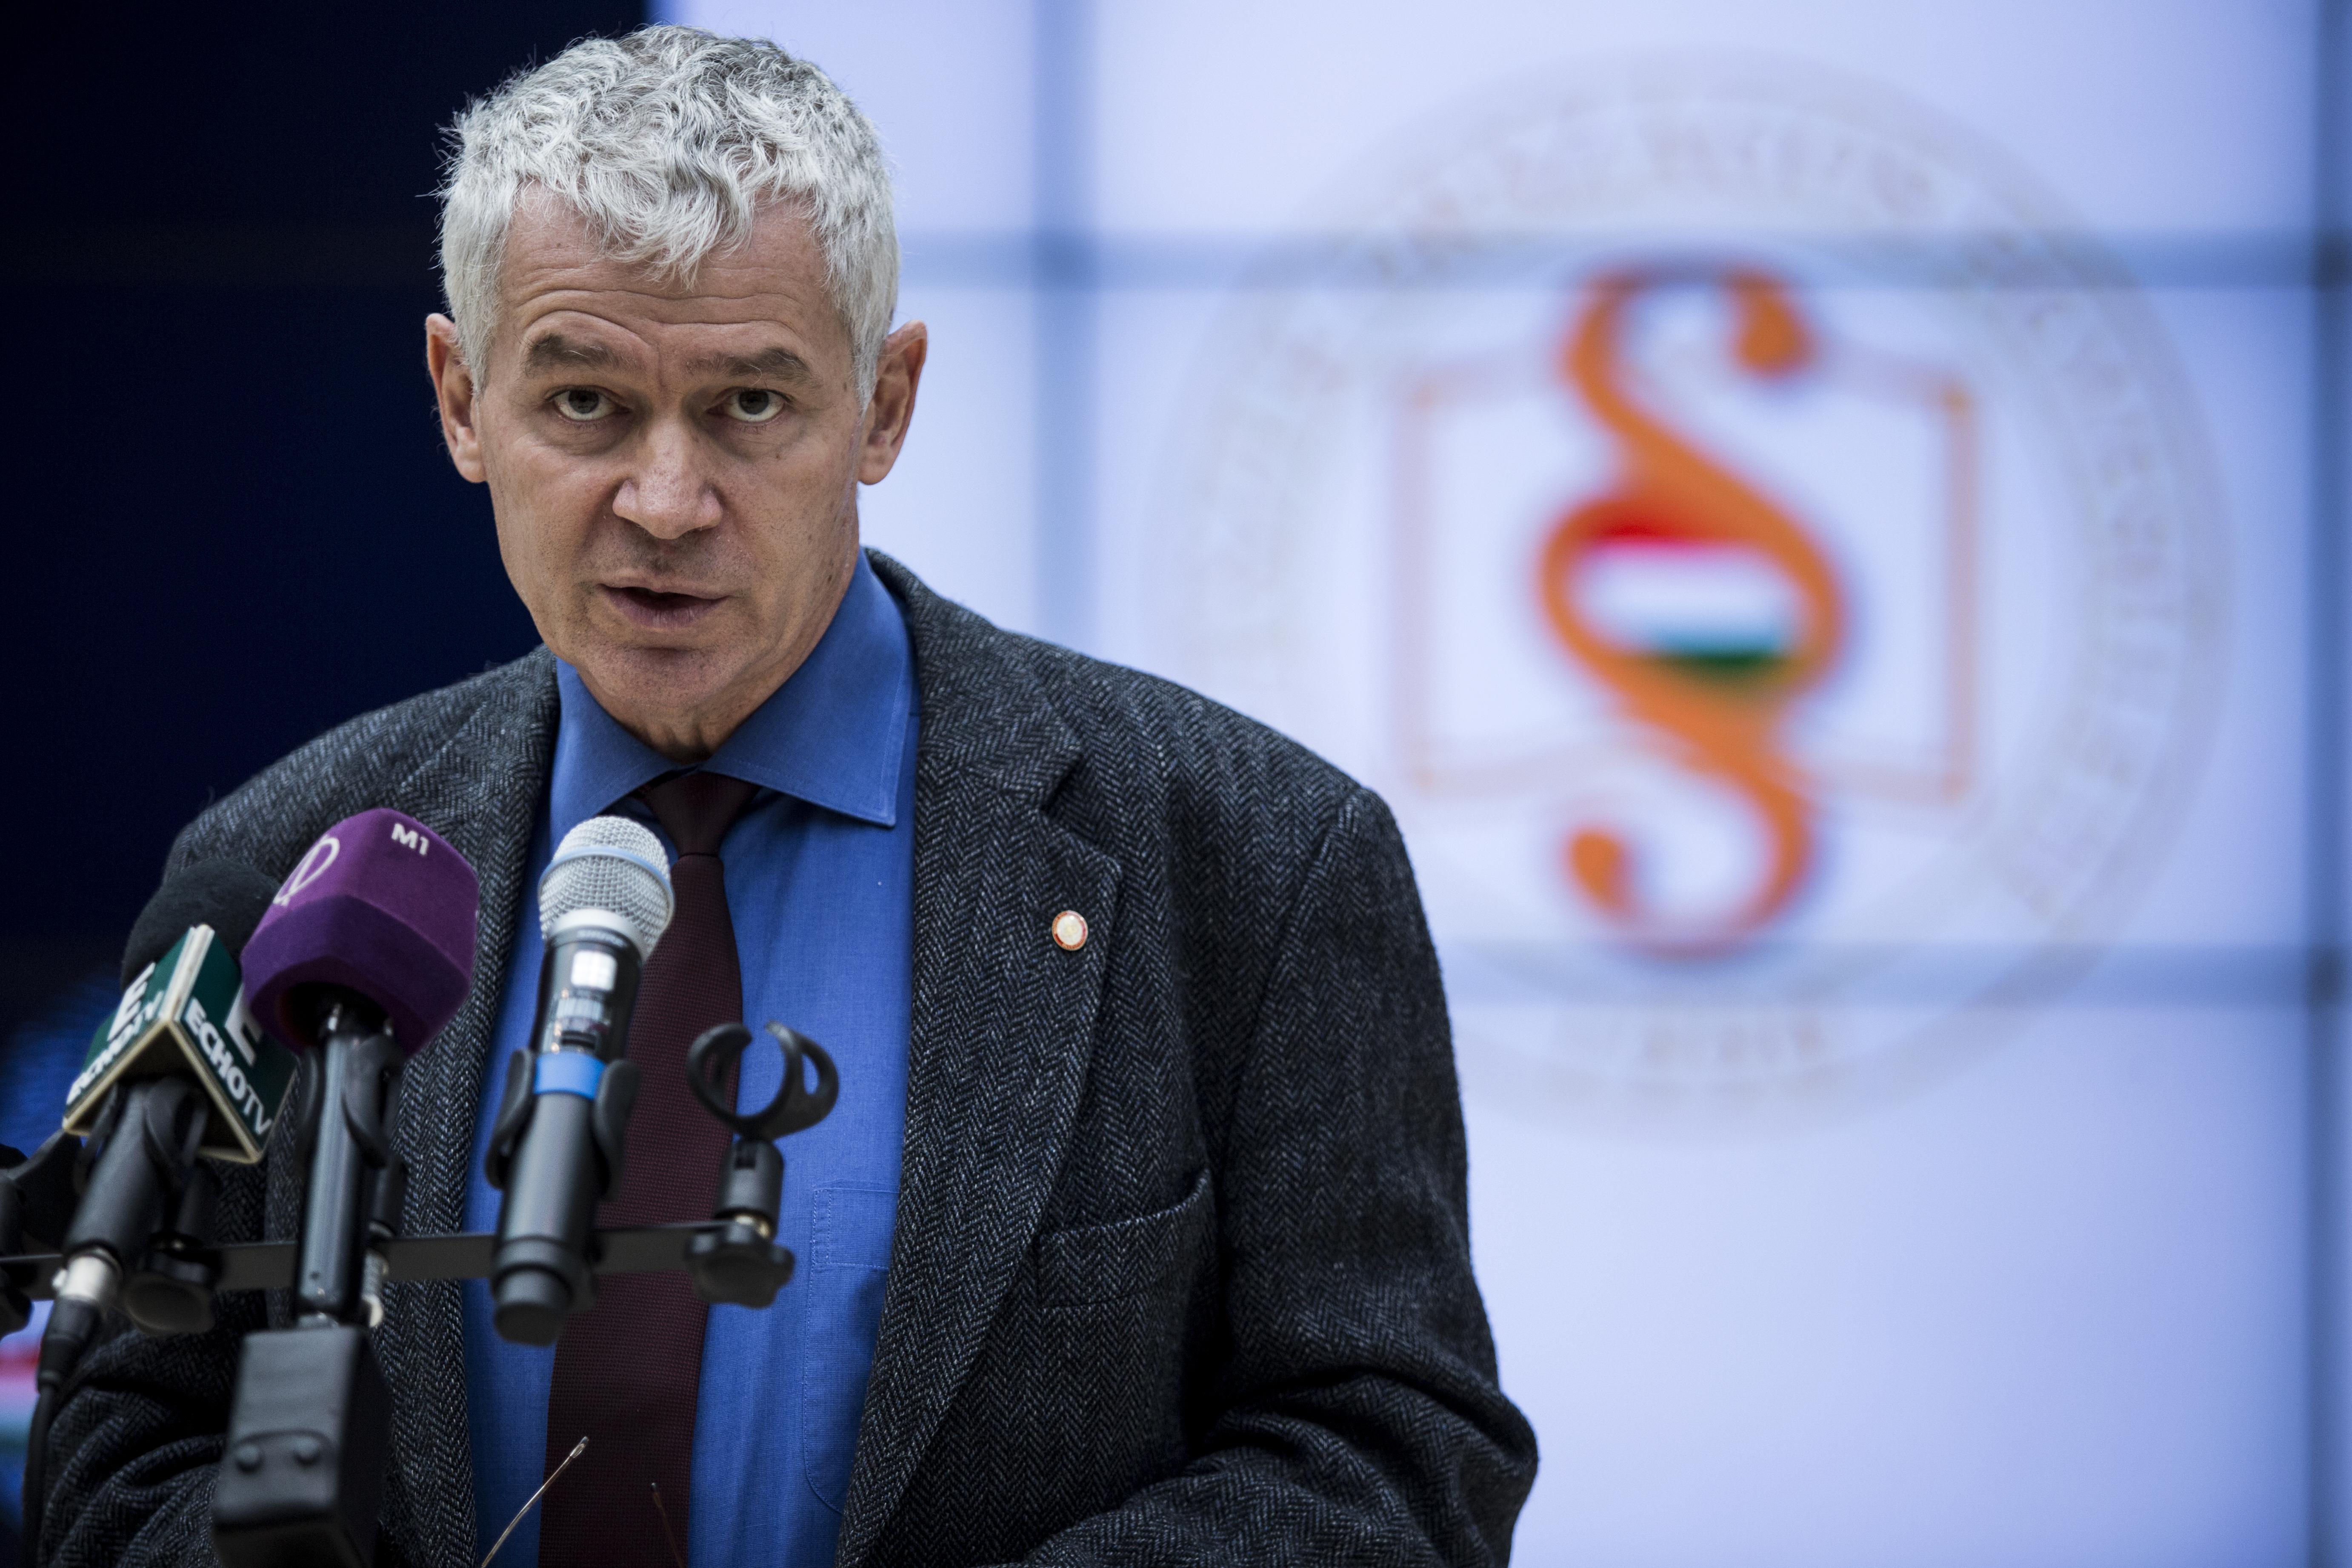 Polt Péter nem megy el az EP-be megvitatni az OLAF által is vizsgált ügyeket